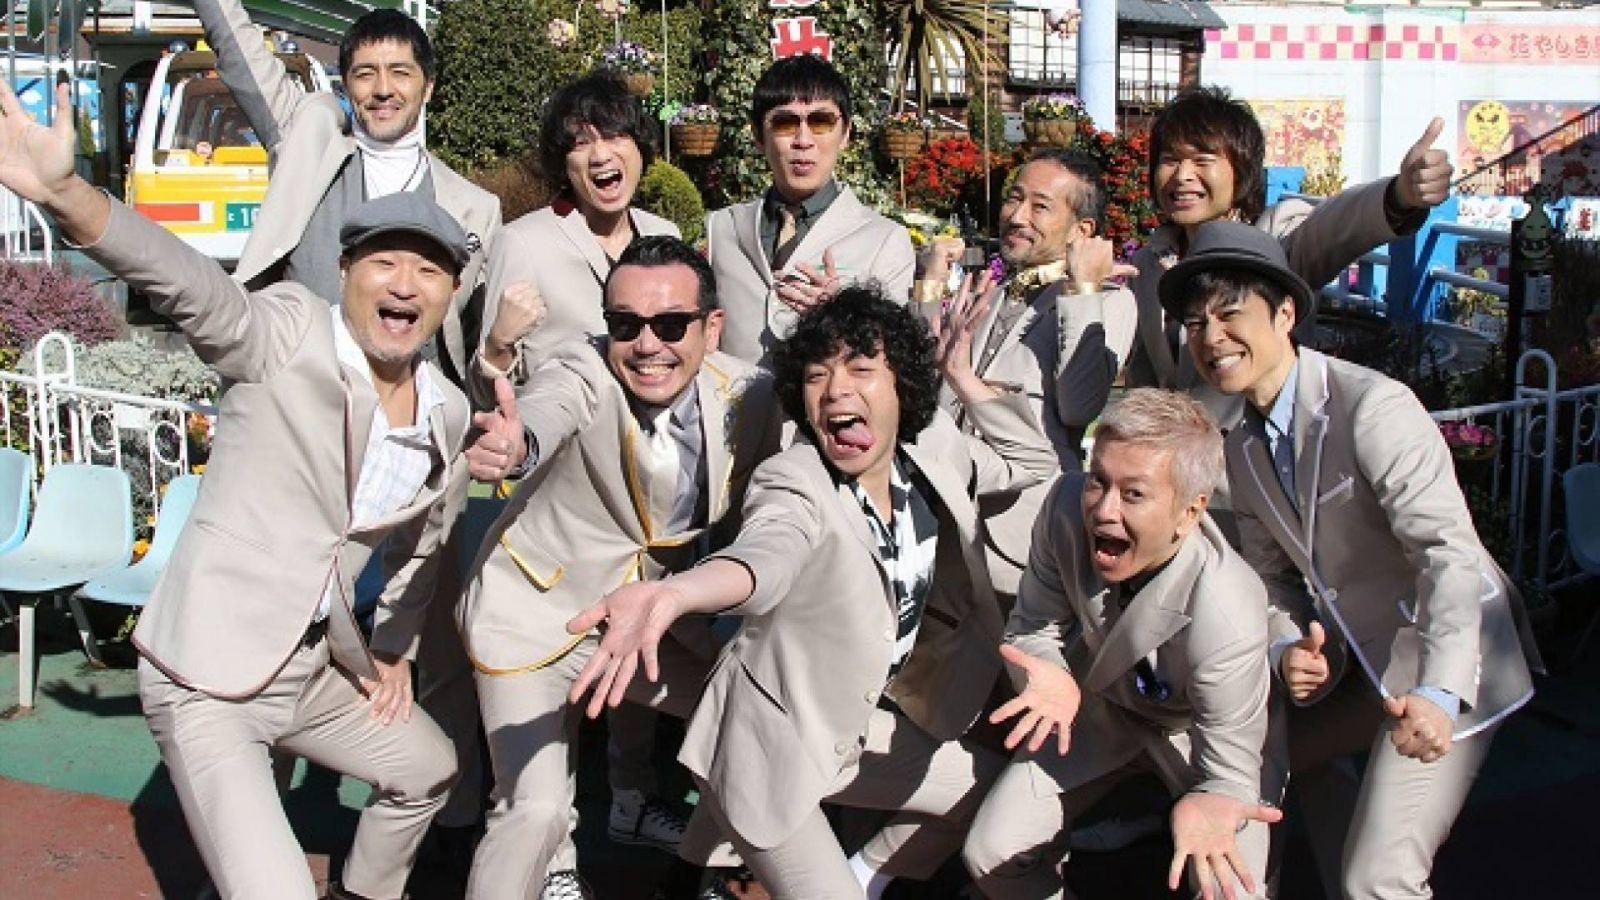 Brasilialaisräppäri Emicida jälleen yhteistyössä TOKYO SKA PARADISE ORCHESTRAn kanssa © cutting edge